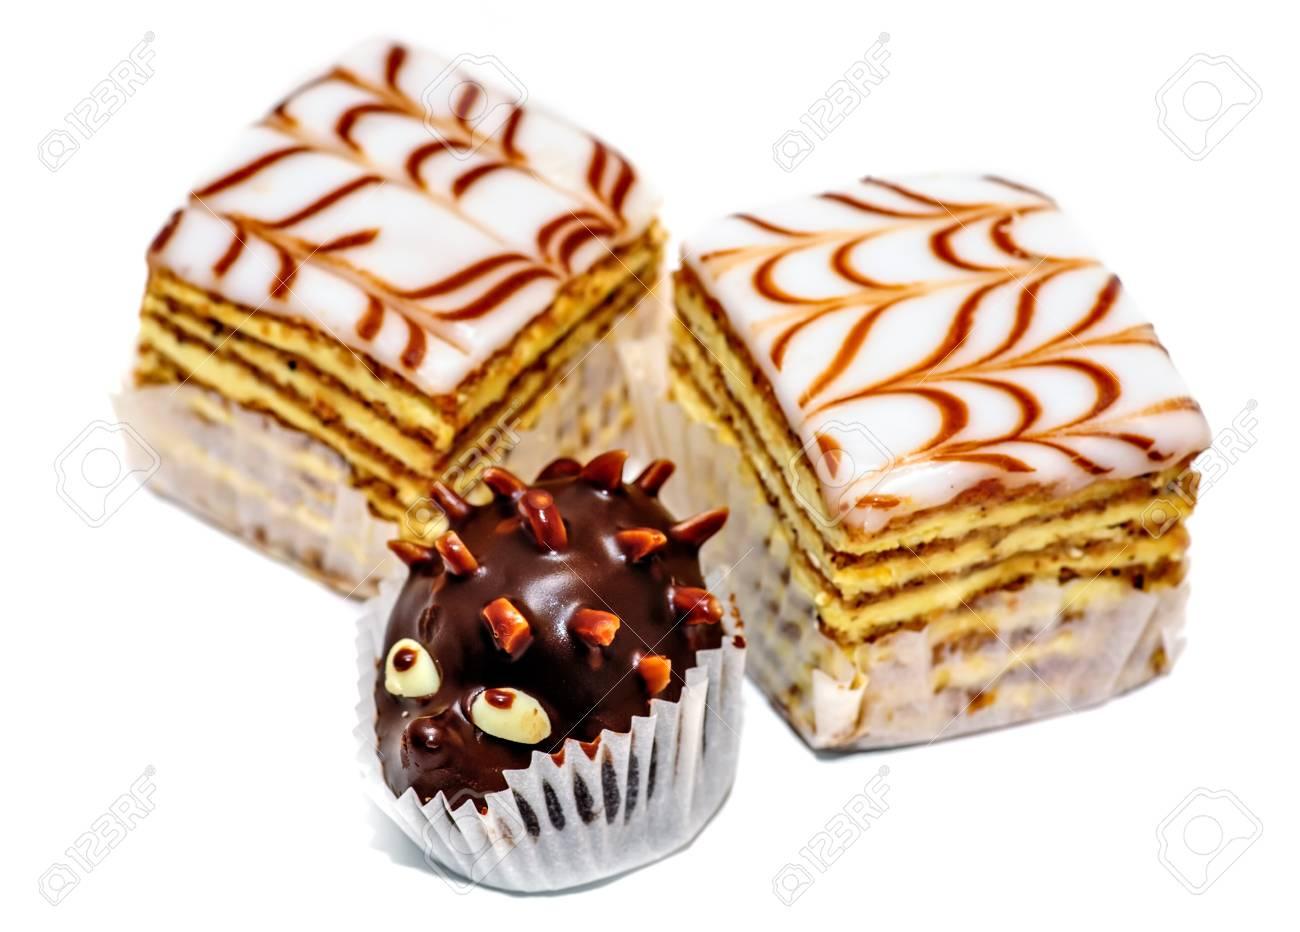 Layered Kuchen Und Schokolade Igel Isoliert Auf Weissem Hintergrund